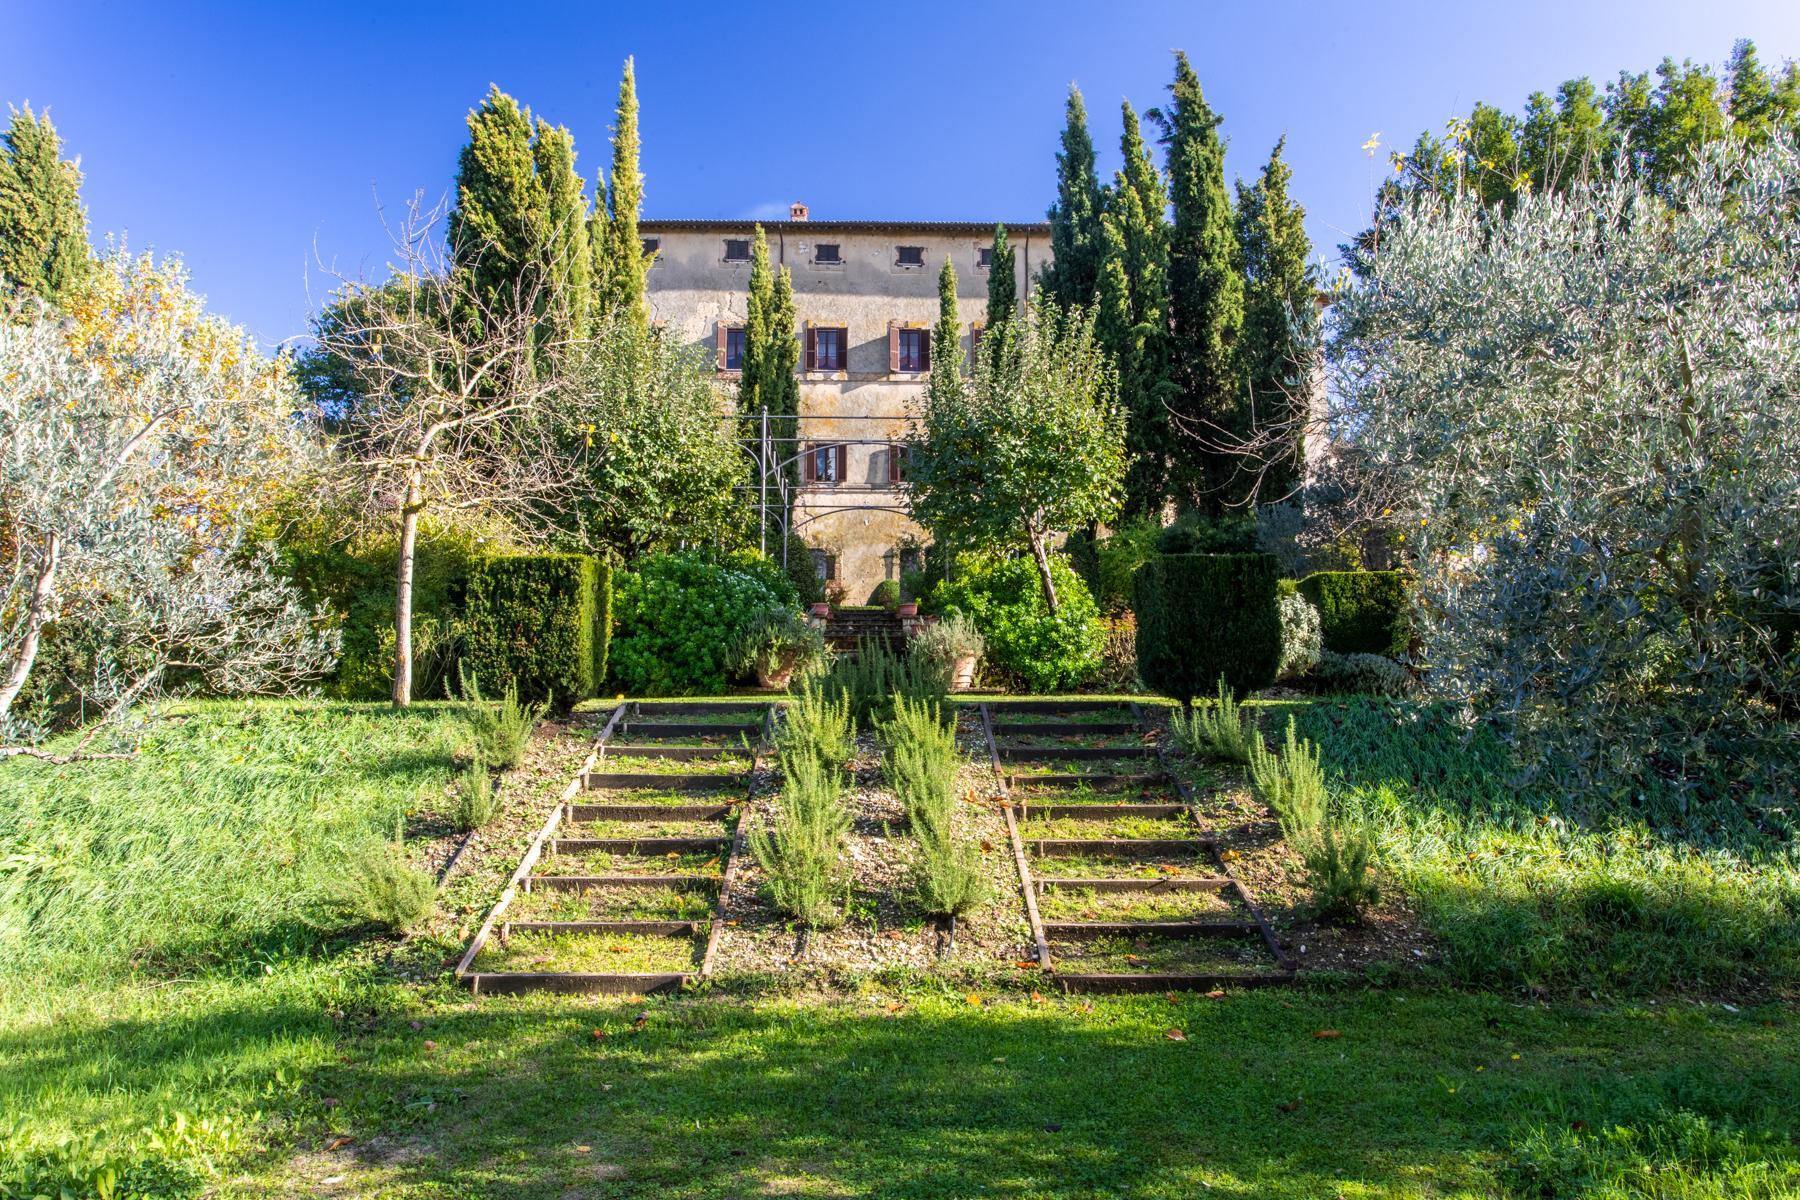 中世纪村庄Oliveto山顶上的雄壮宫殿 - 27